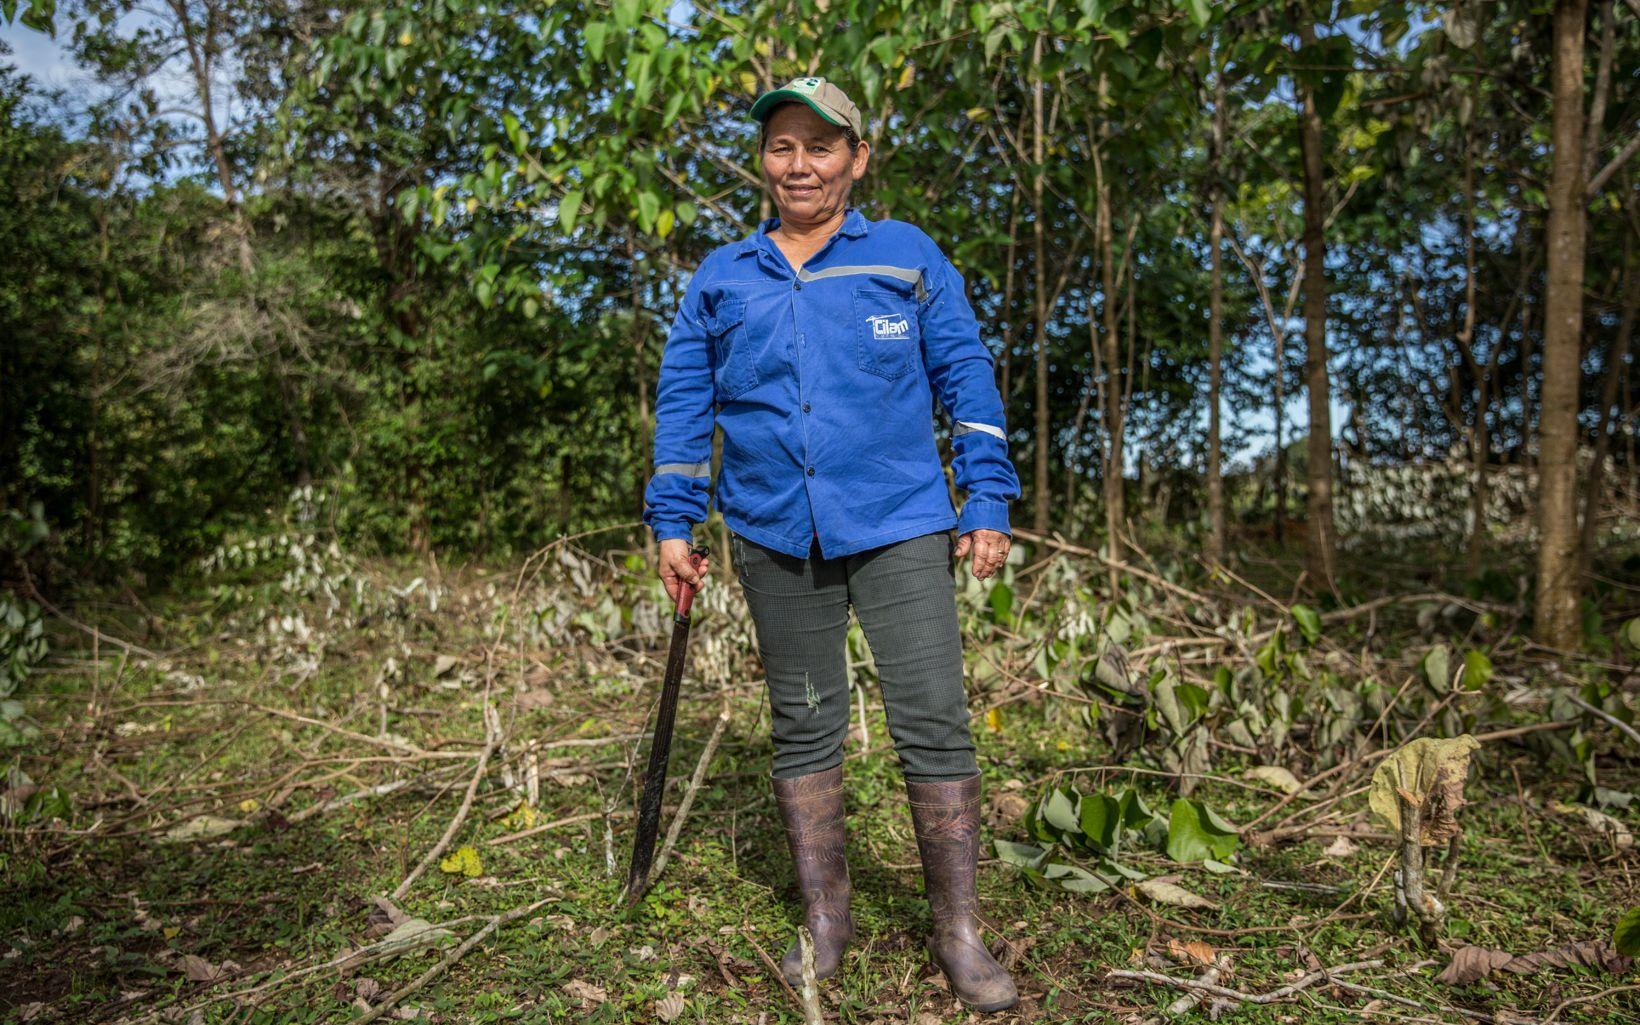 Manejar mejor los suelos evita la deforestación y trae diversidad de recursos adicionales a familias de escasos recursos, como la de Mercedes